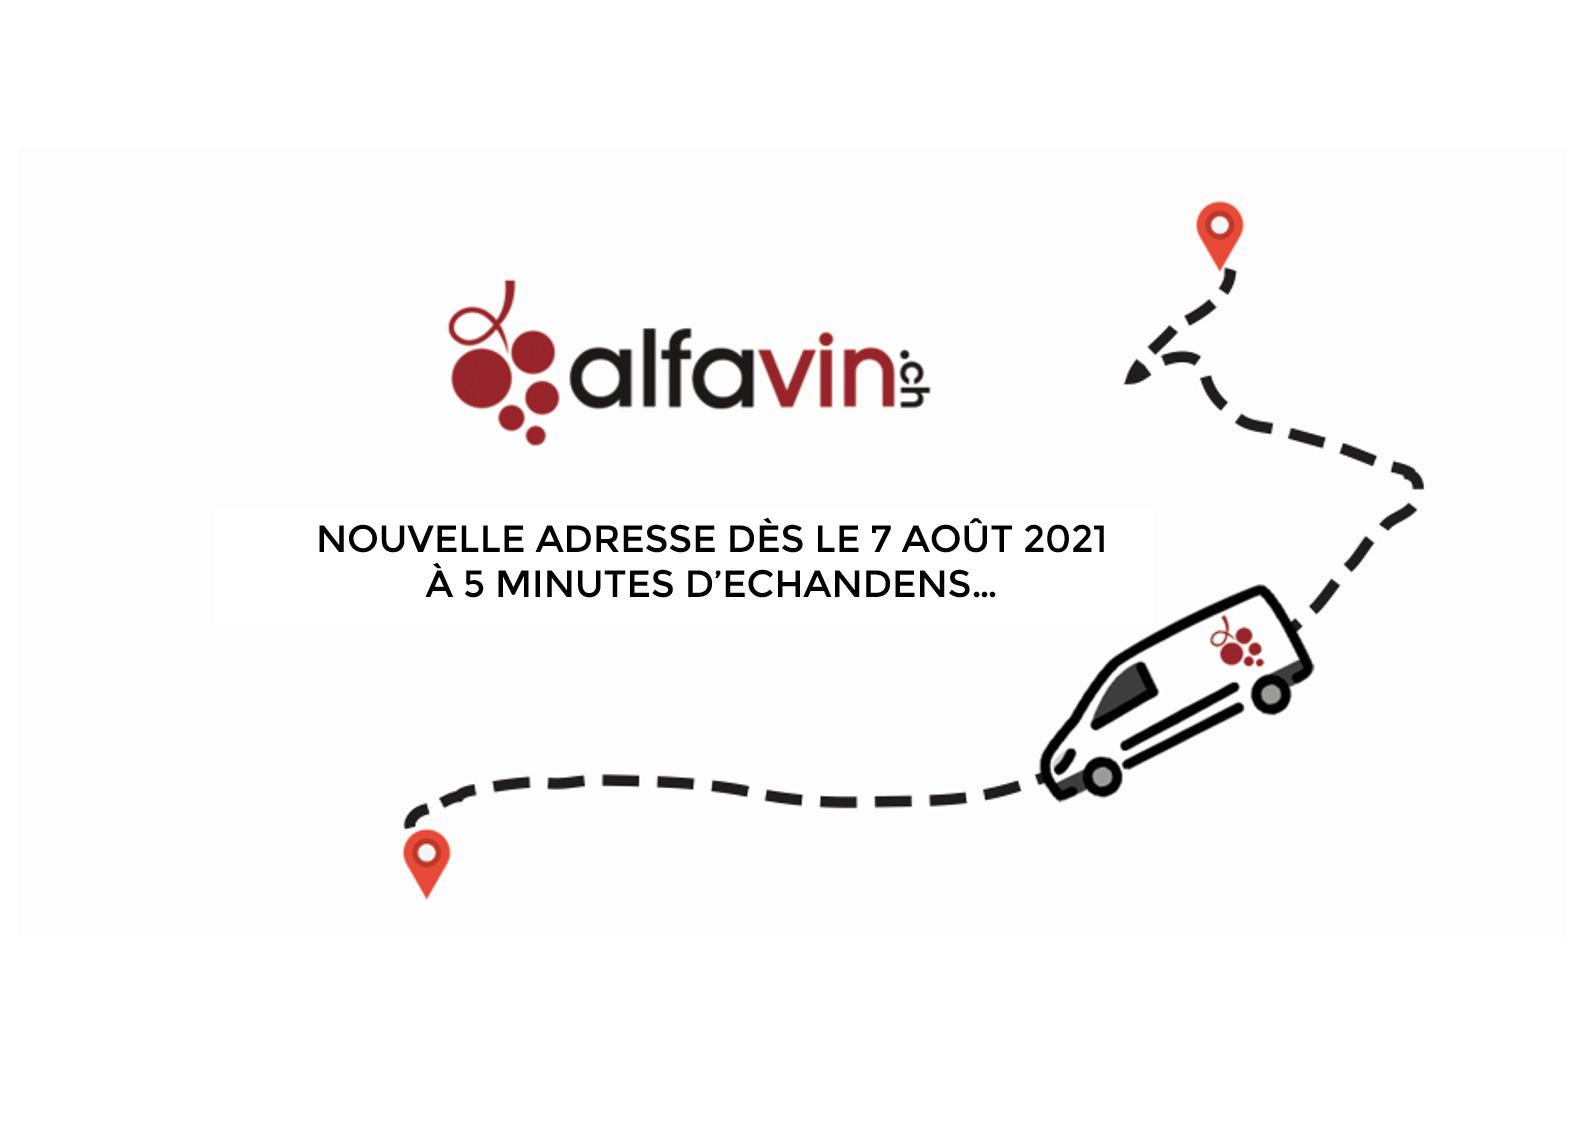 ALFAVIN.CH A DÉMÉNAGÉ